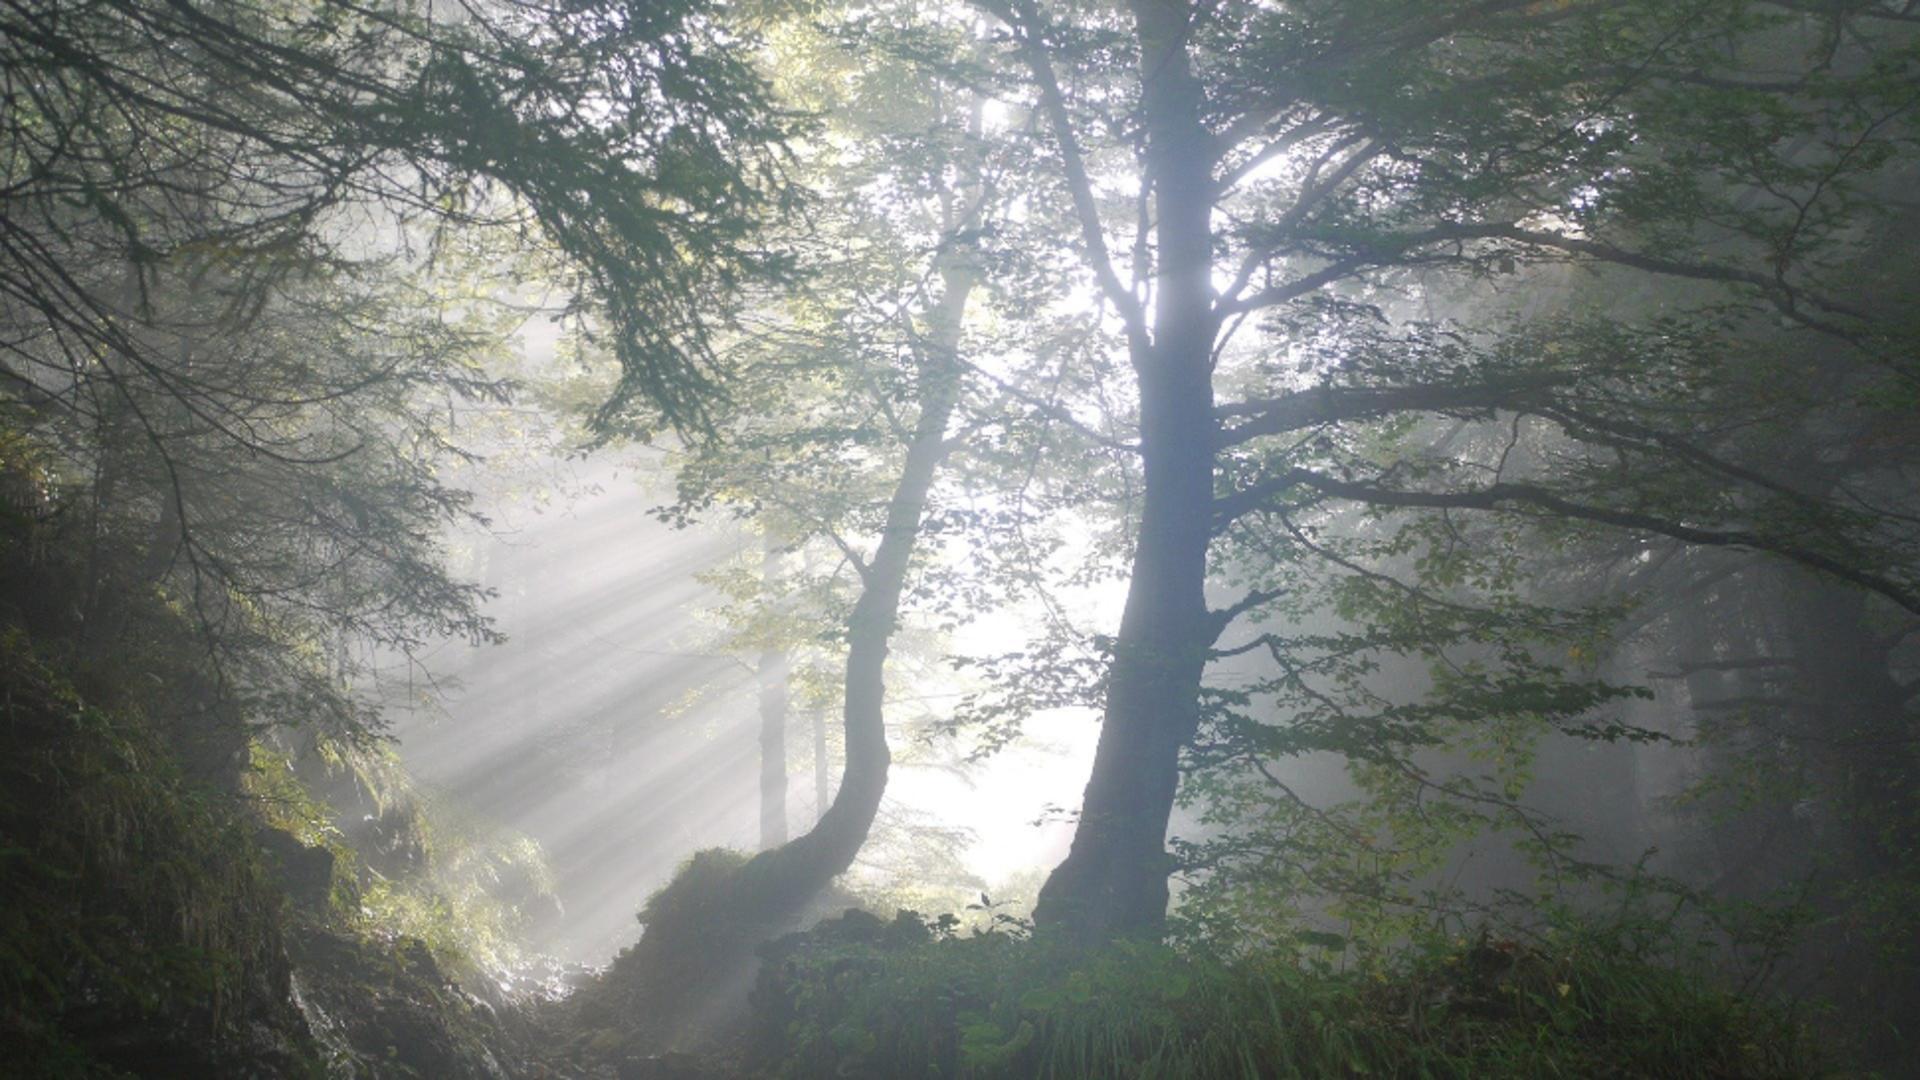 Descoperire periculoasă într-o pădure din Neamț. Sursa foto: Pixabay